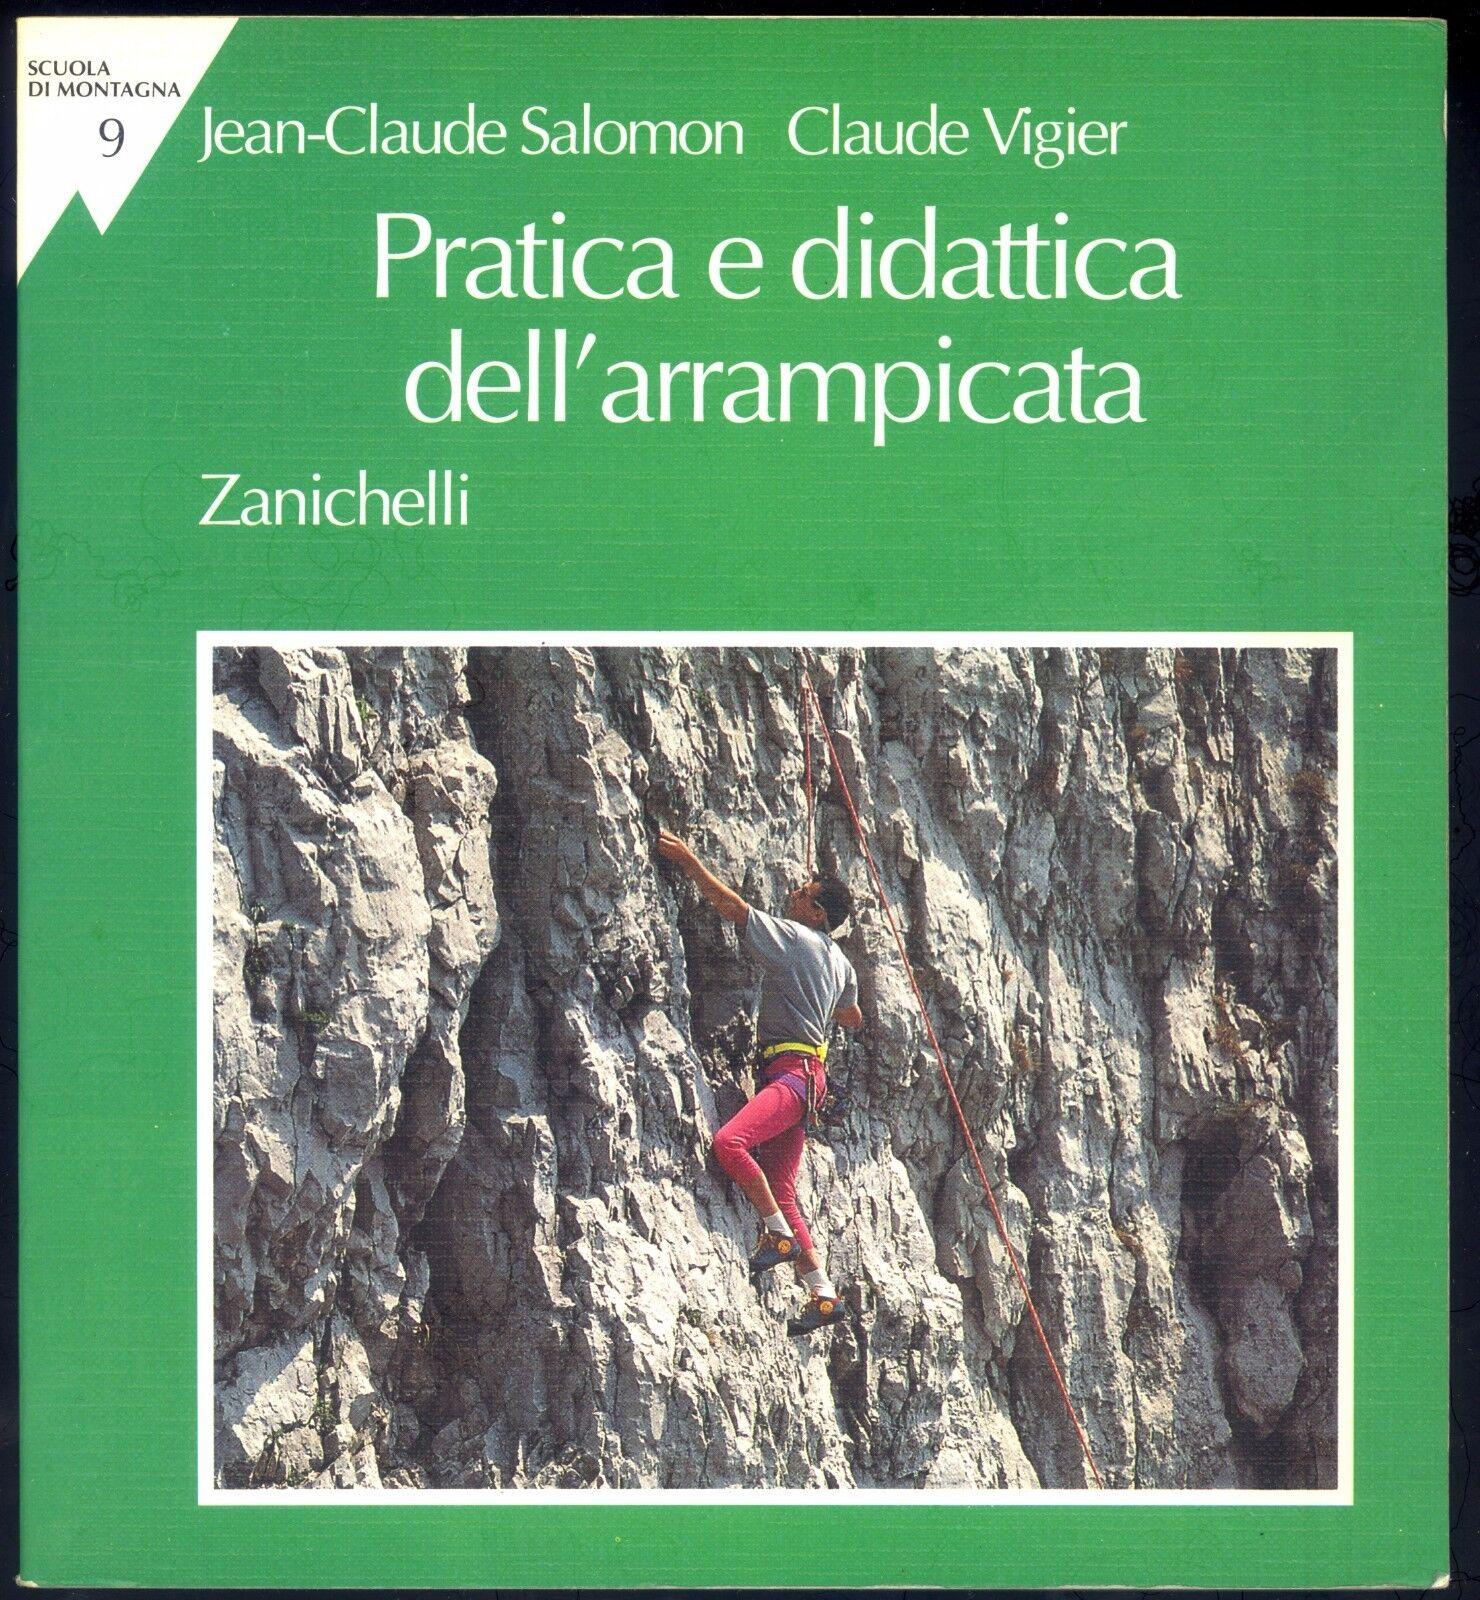 PRATICA E DIDATTICA DELL'ARRAMPICATA -J. C. SALOMON -C. VIGIER -ZANICHELLI 1994